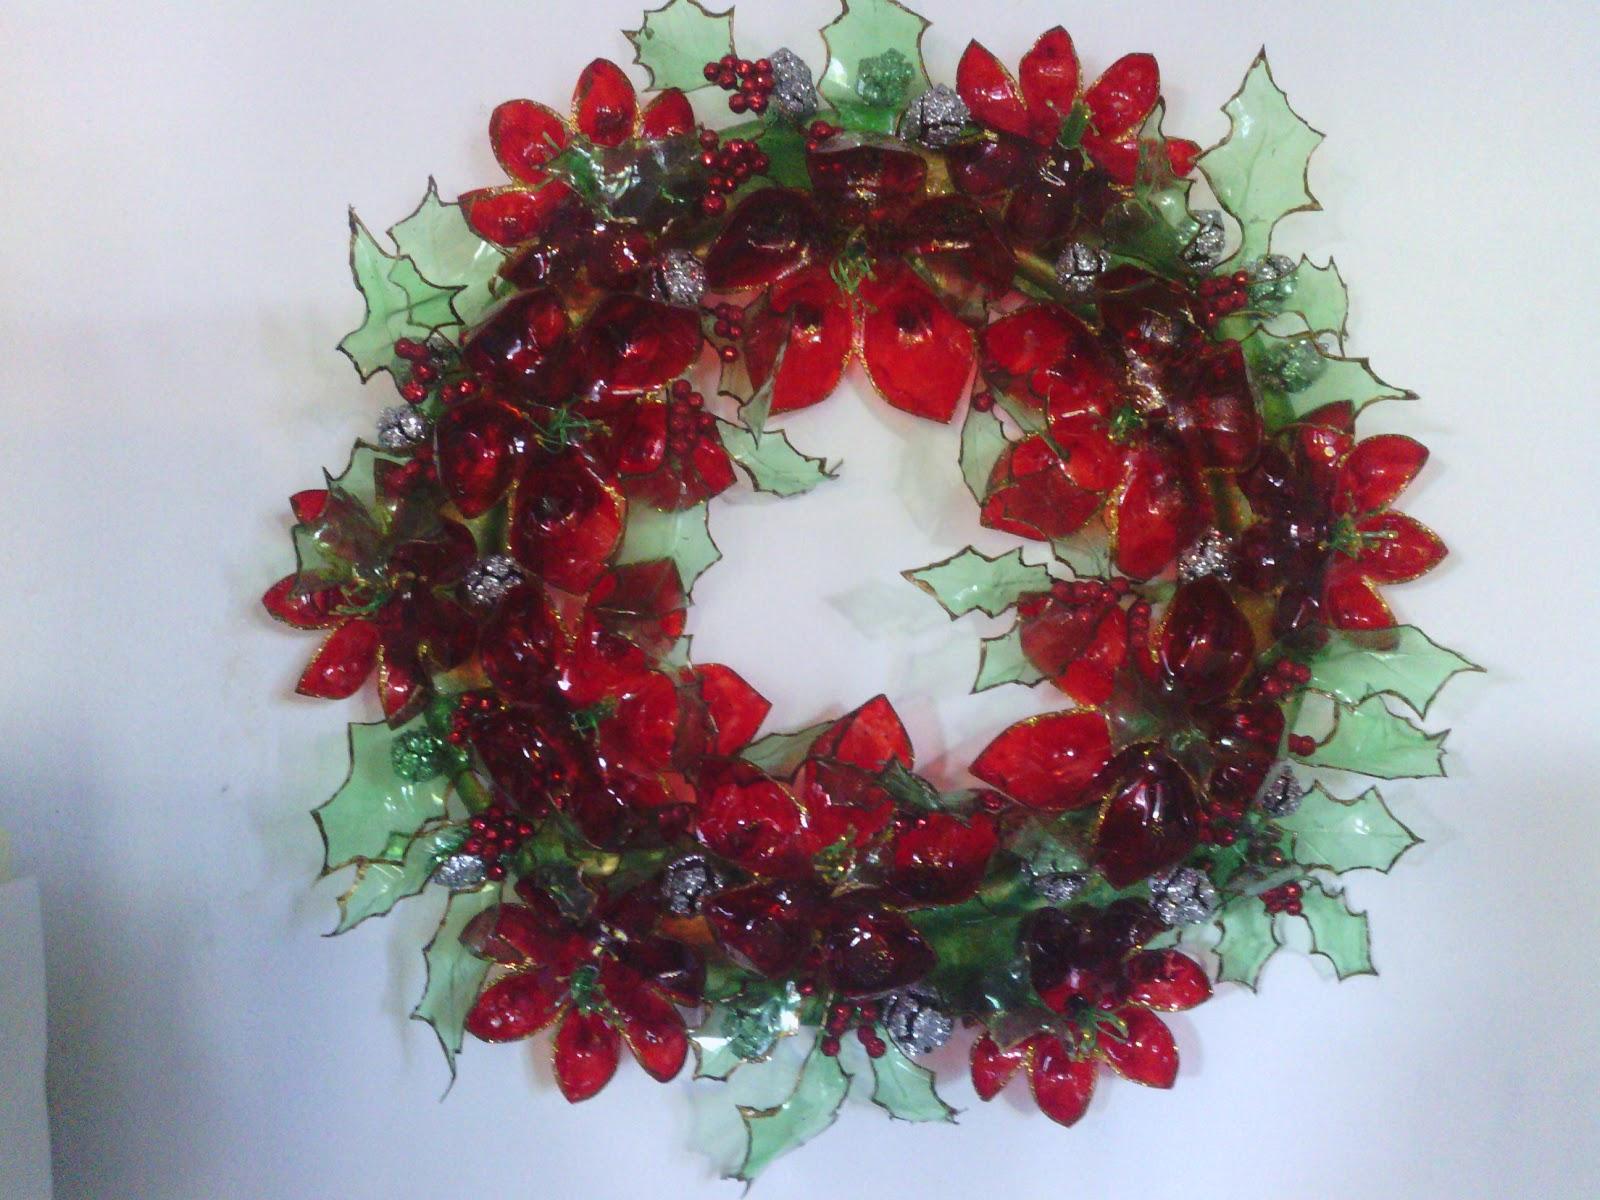 Antonia cristiani design adornos navidad de pet - Adornos navidad reciclados para ninos ...